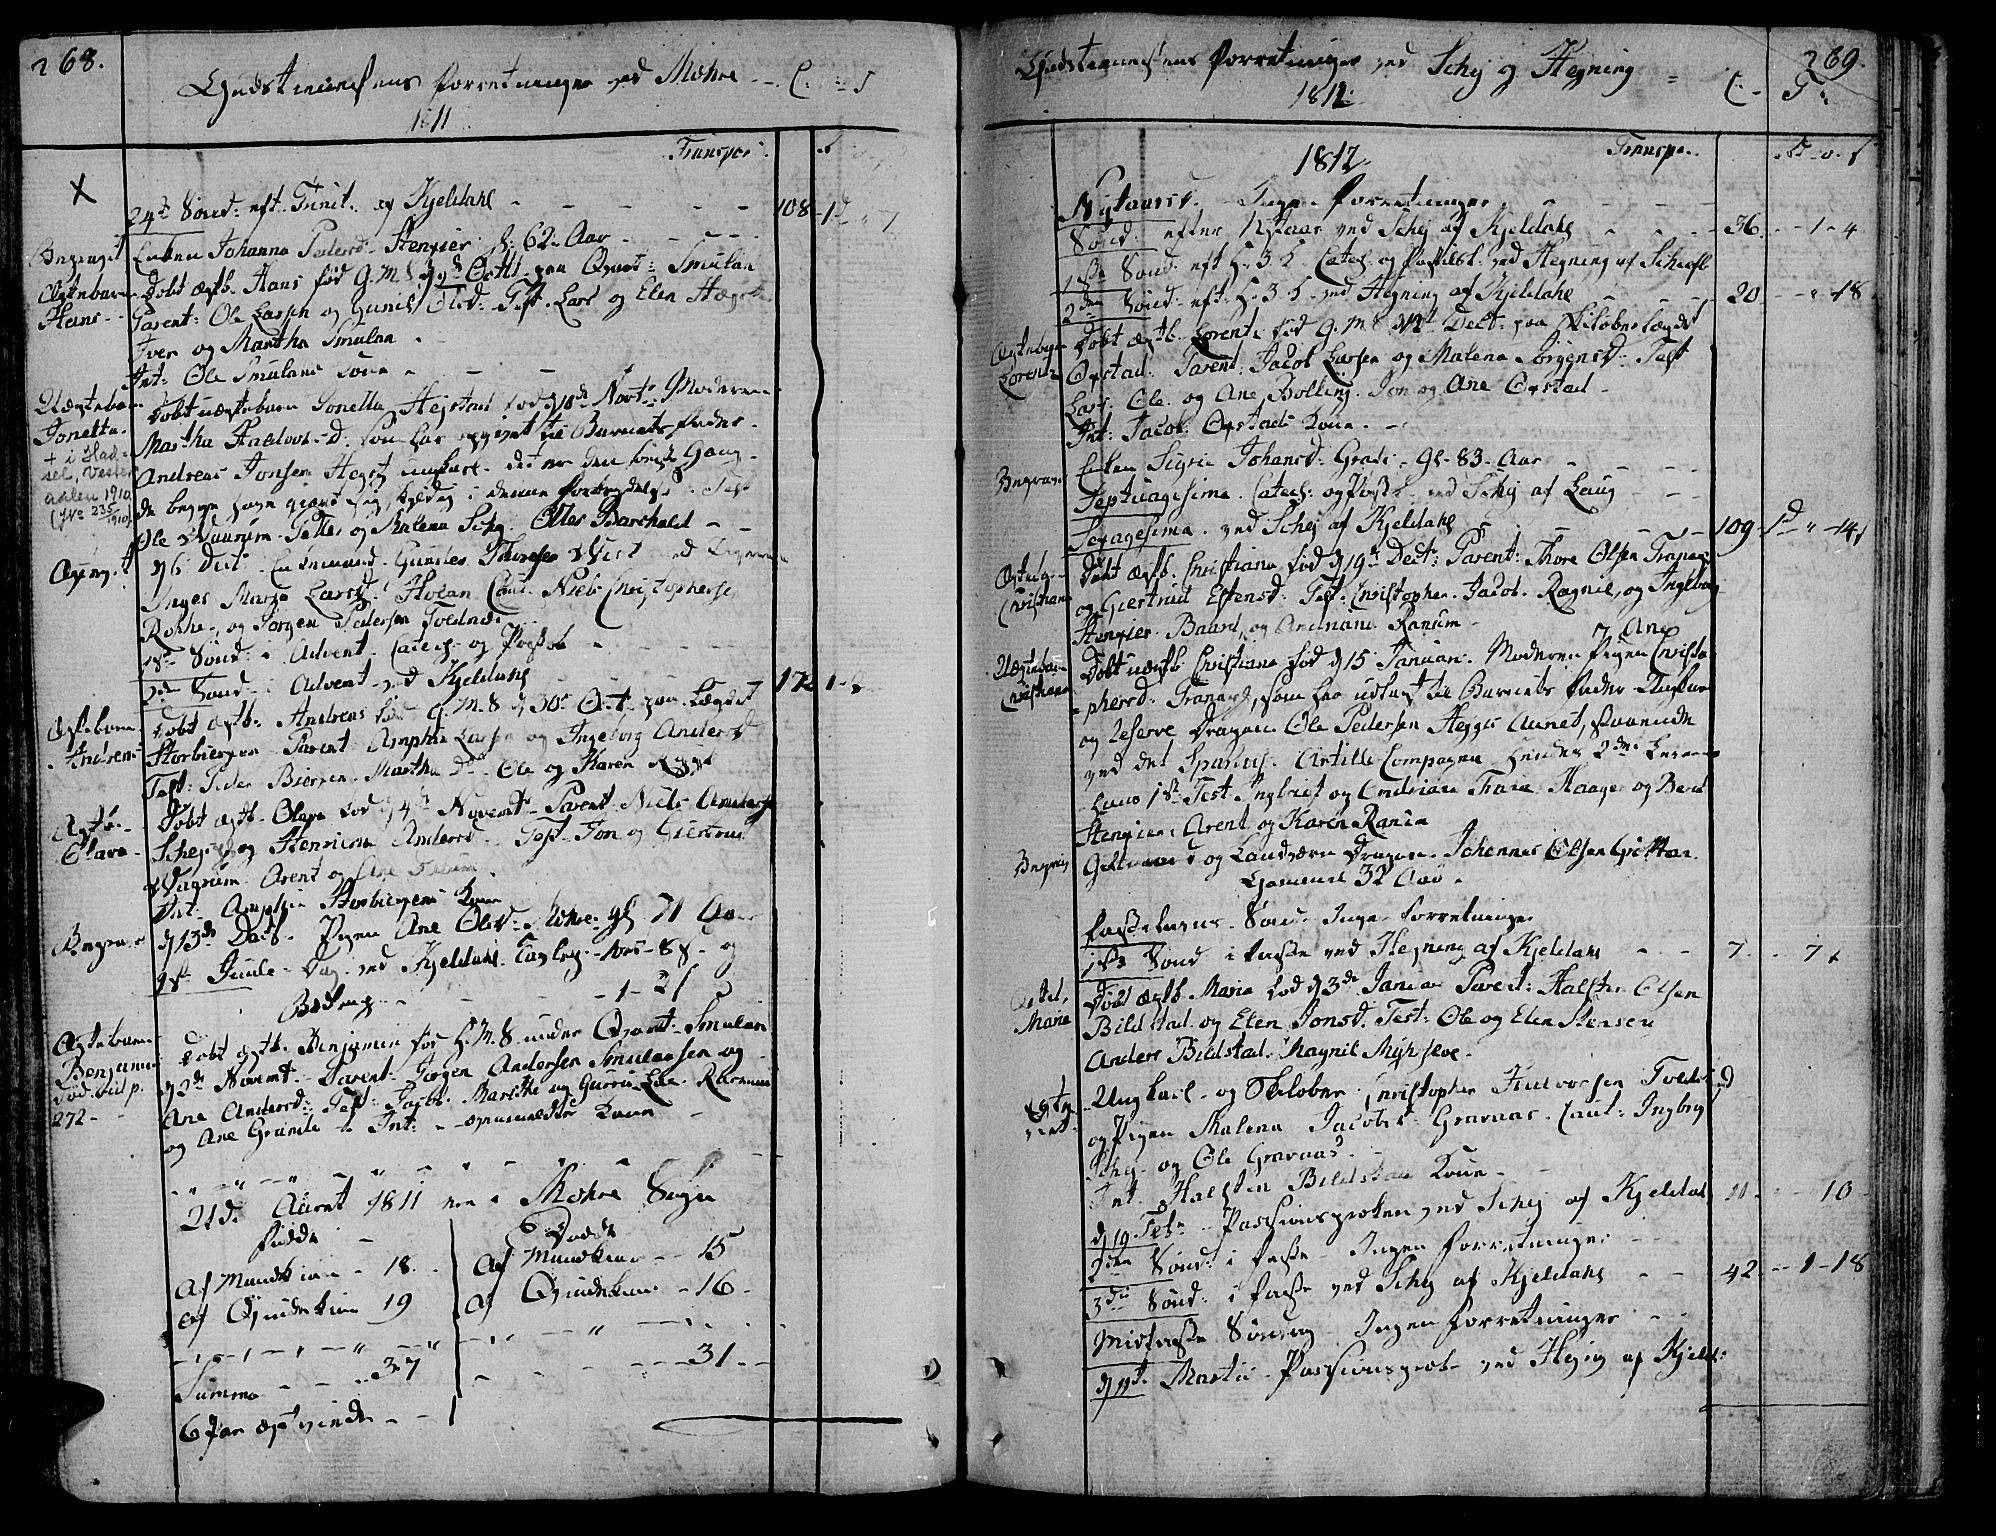 SAT, Ministerialprotokoller, klokkerbøker og fødselsregistre - Nord-Trøndelag, 735/L0332: Ministerialbok nr. 735A03, 1795-1816, s. 268-269